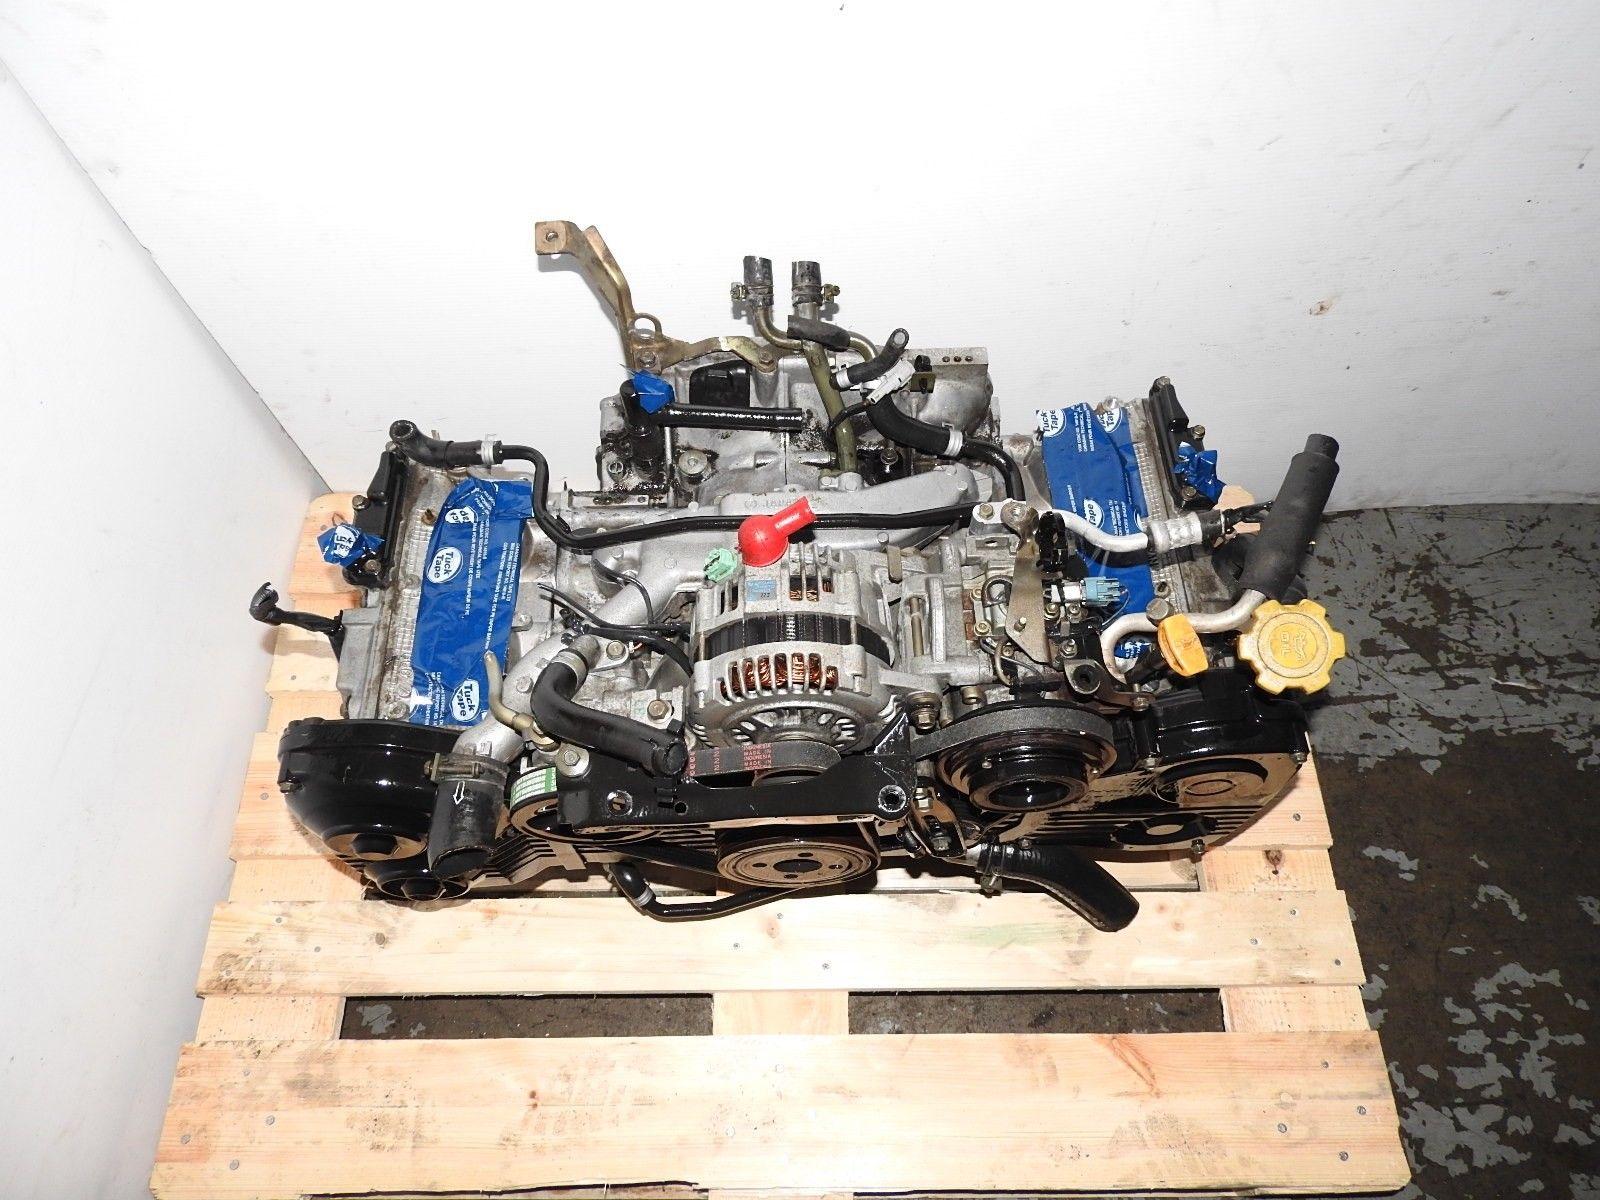 Amazing 2002 2003 2004 2005 SUBARU IMPREZA WRX 2 0L TURBO ENGINE JDM EJ205  TURBO 2017 2018